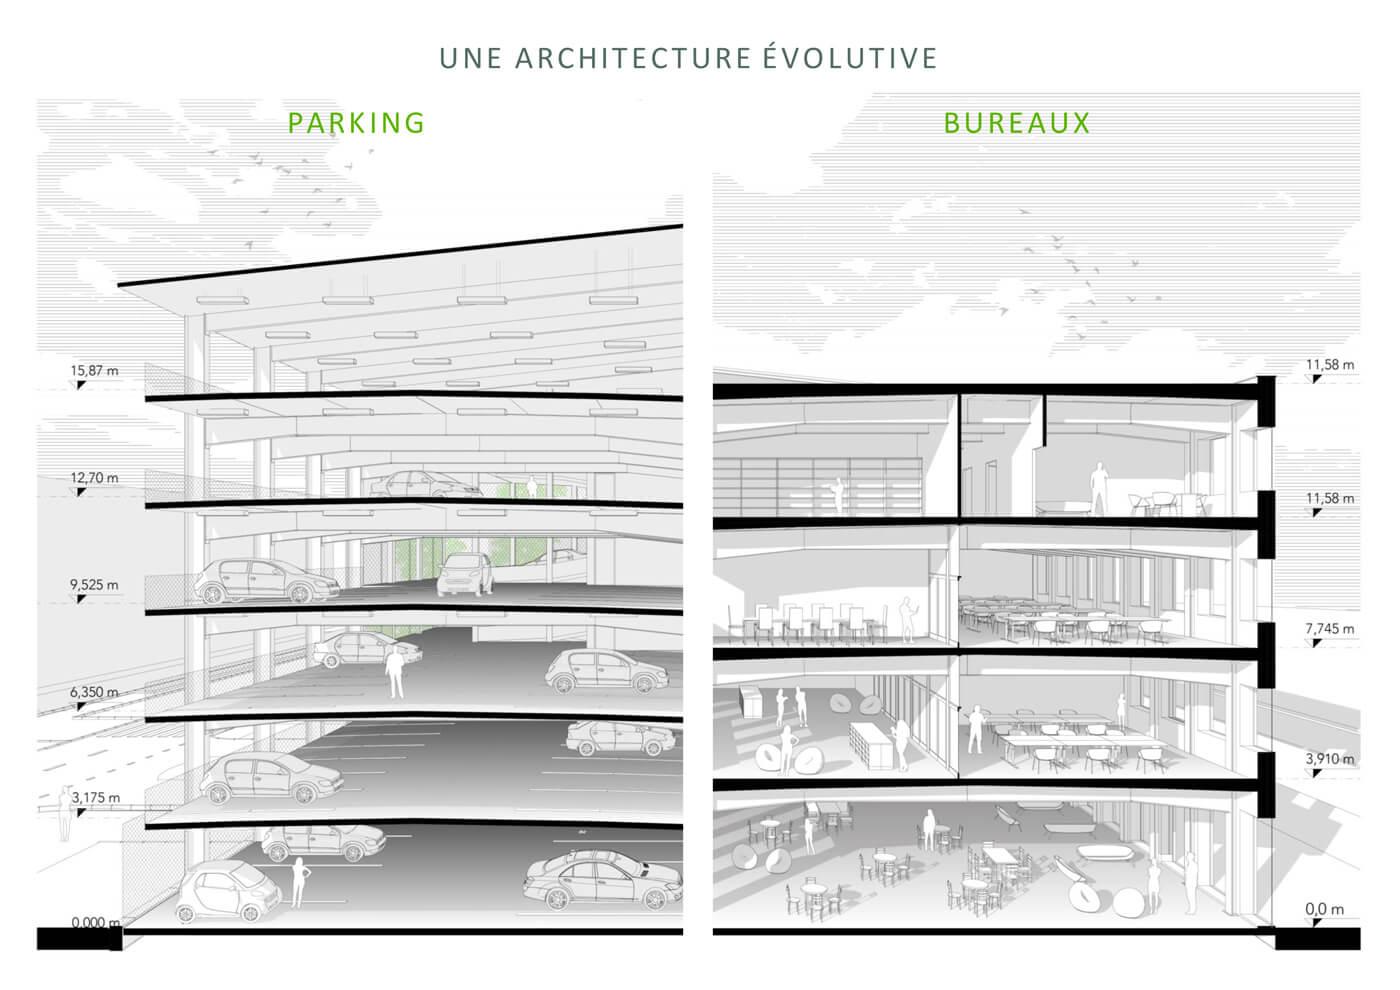 Le concept de parking réversible Astron est basé sur une architecture à ossature métallique évolutive